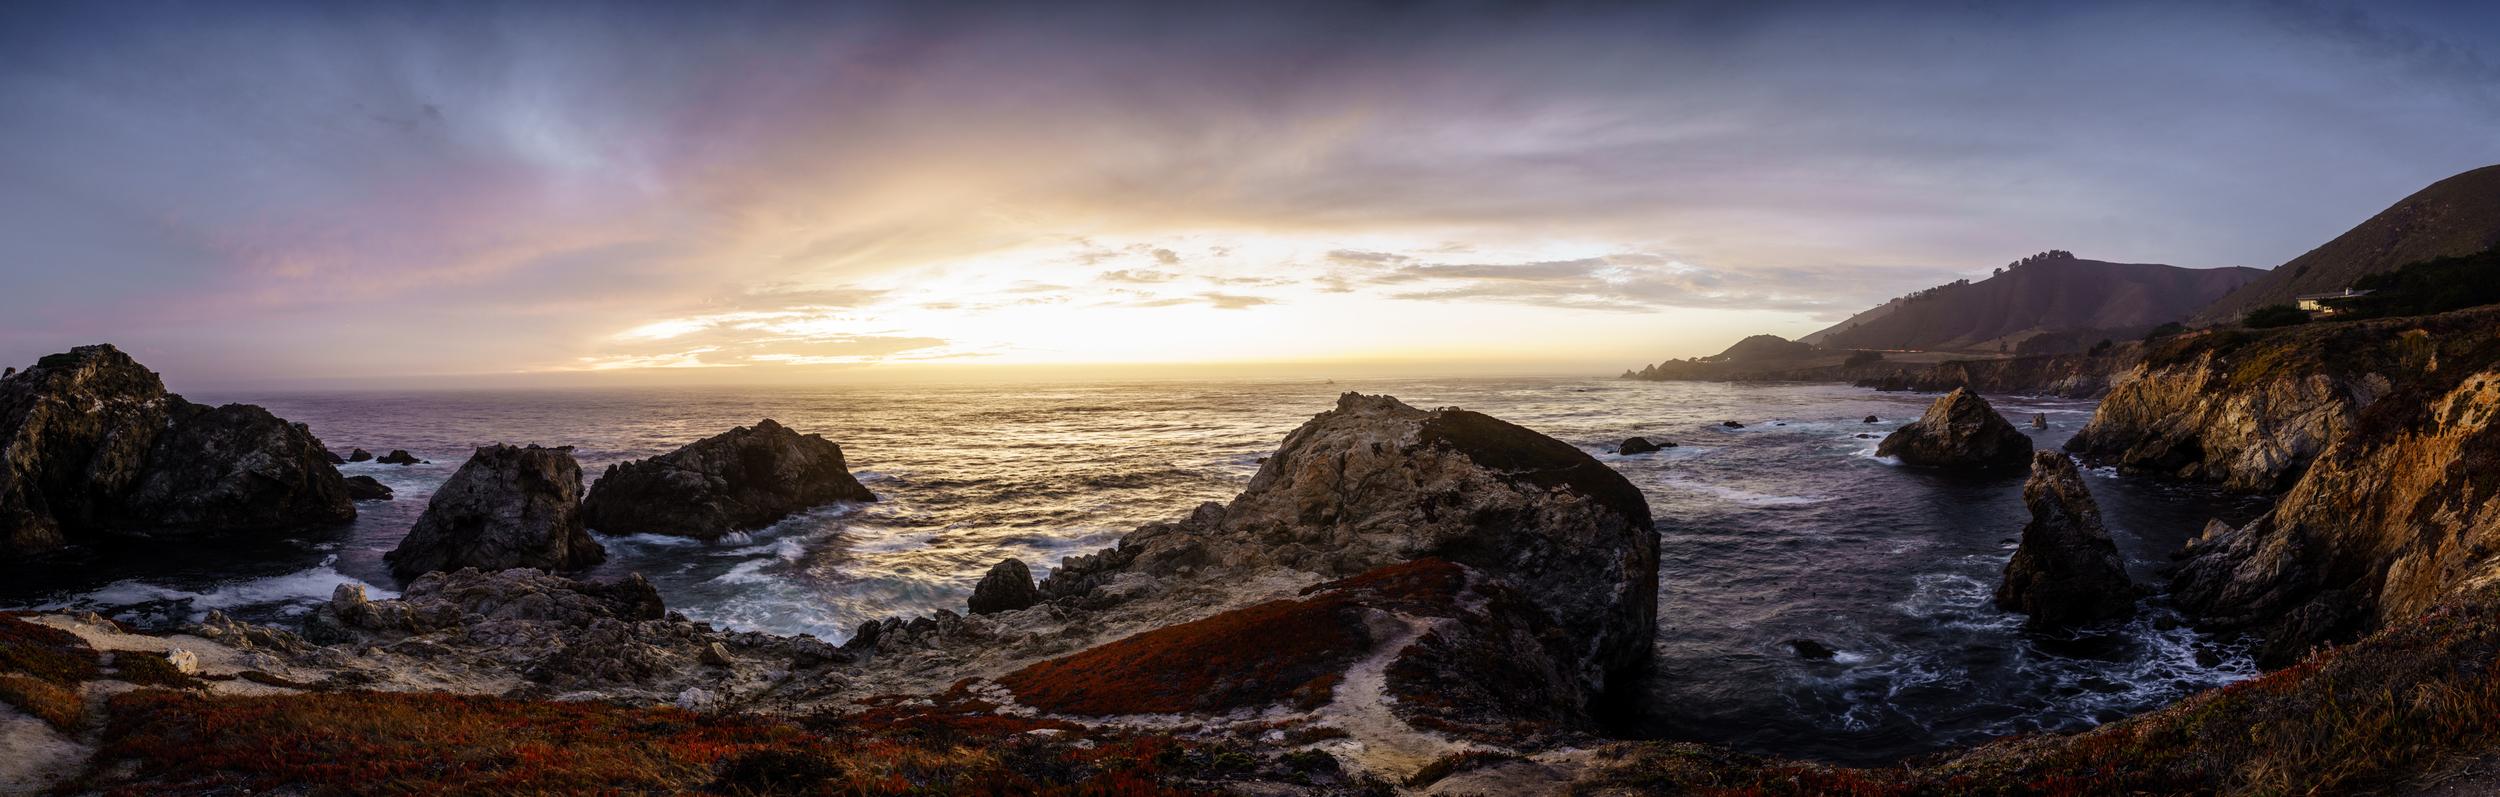 Monterey-8054-Pano.jpg